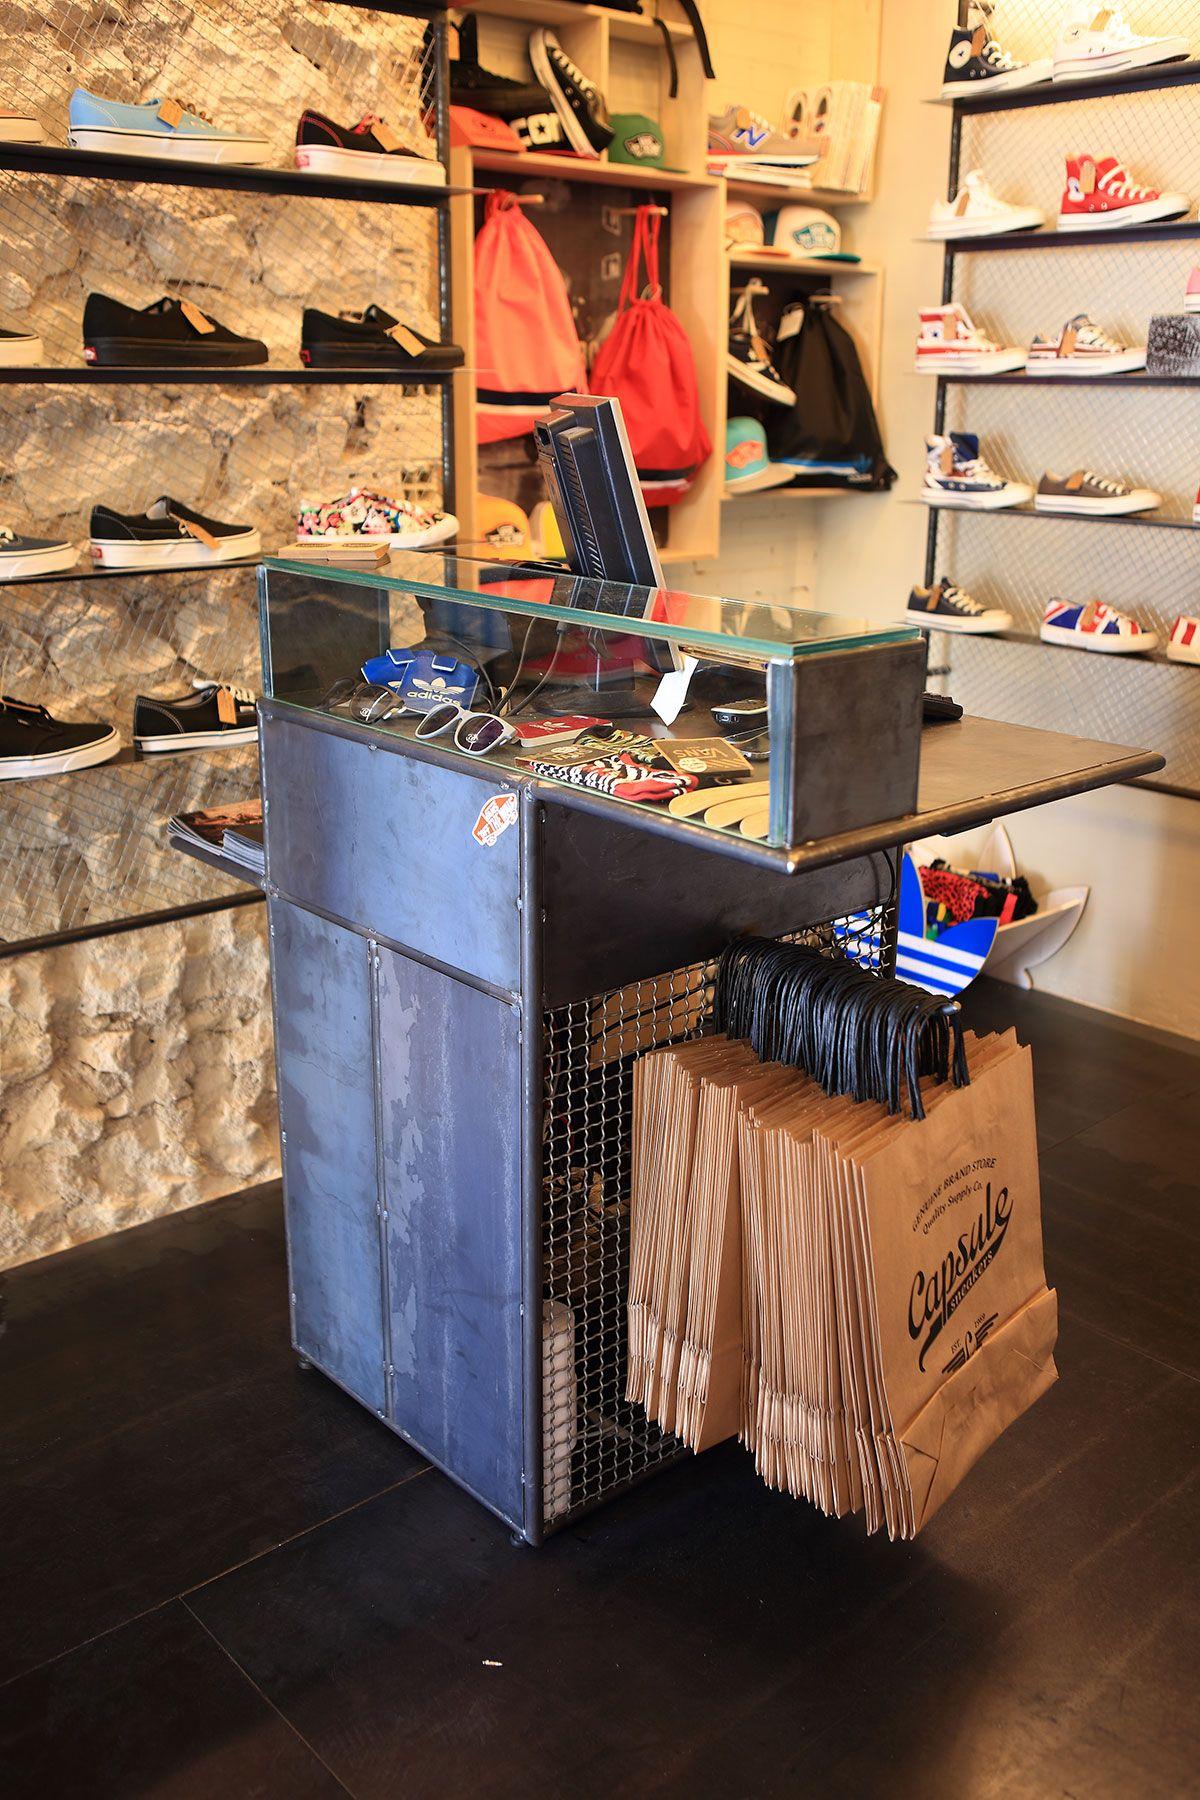 Detalles Del Mostrador Y Suelos De Hierro, Materiales Utilizados En  Capsule: Tienda De Sneakers